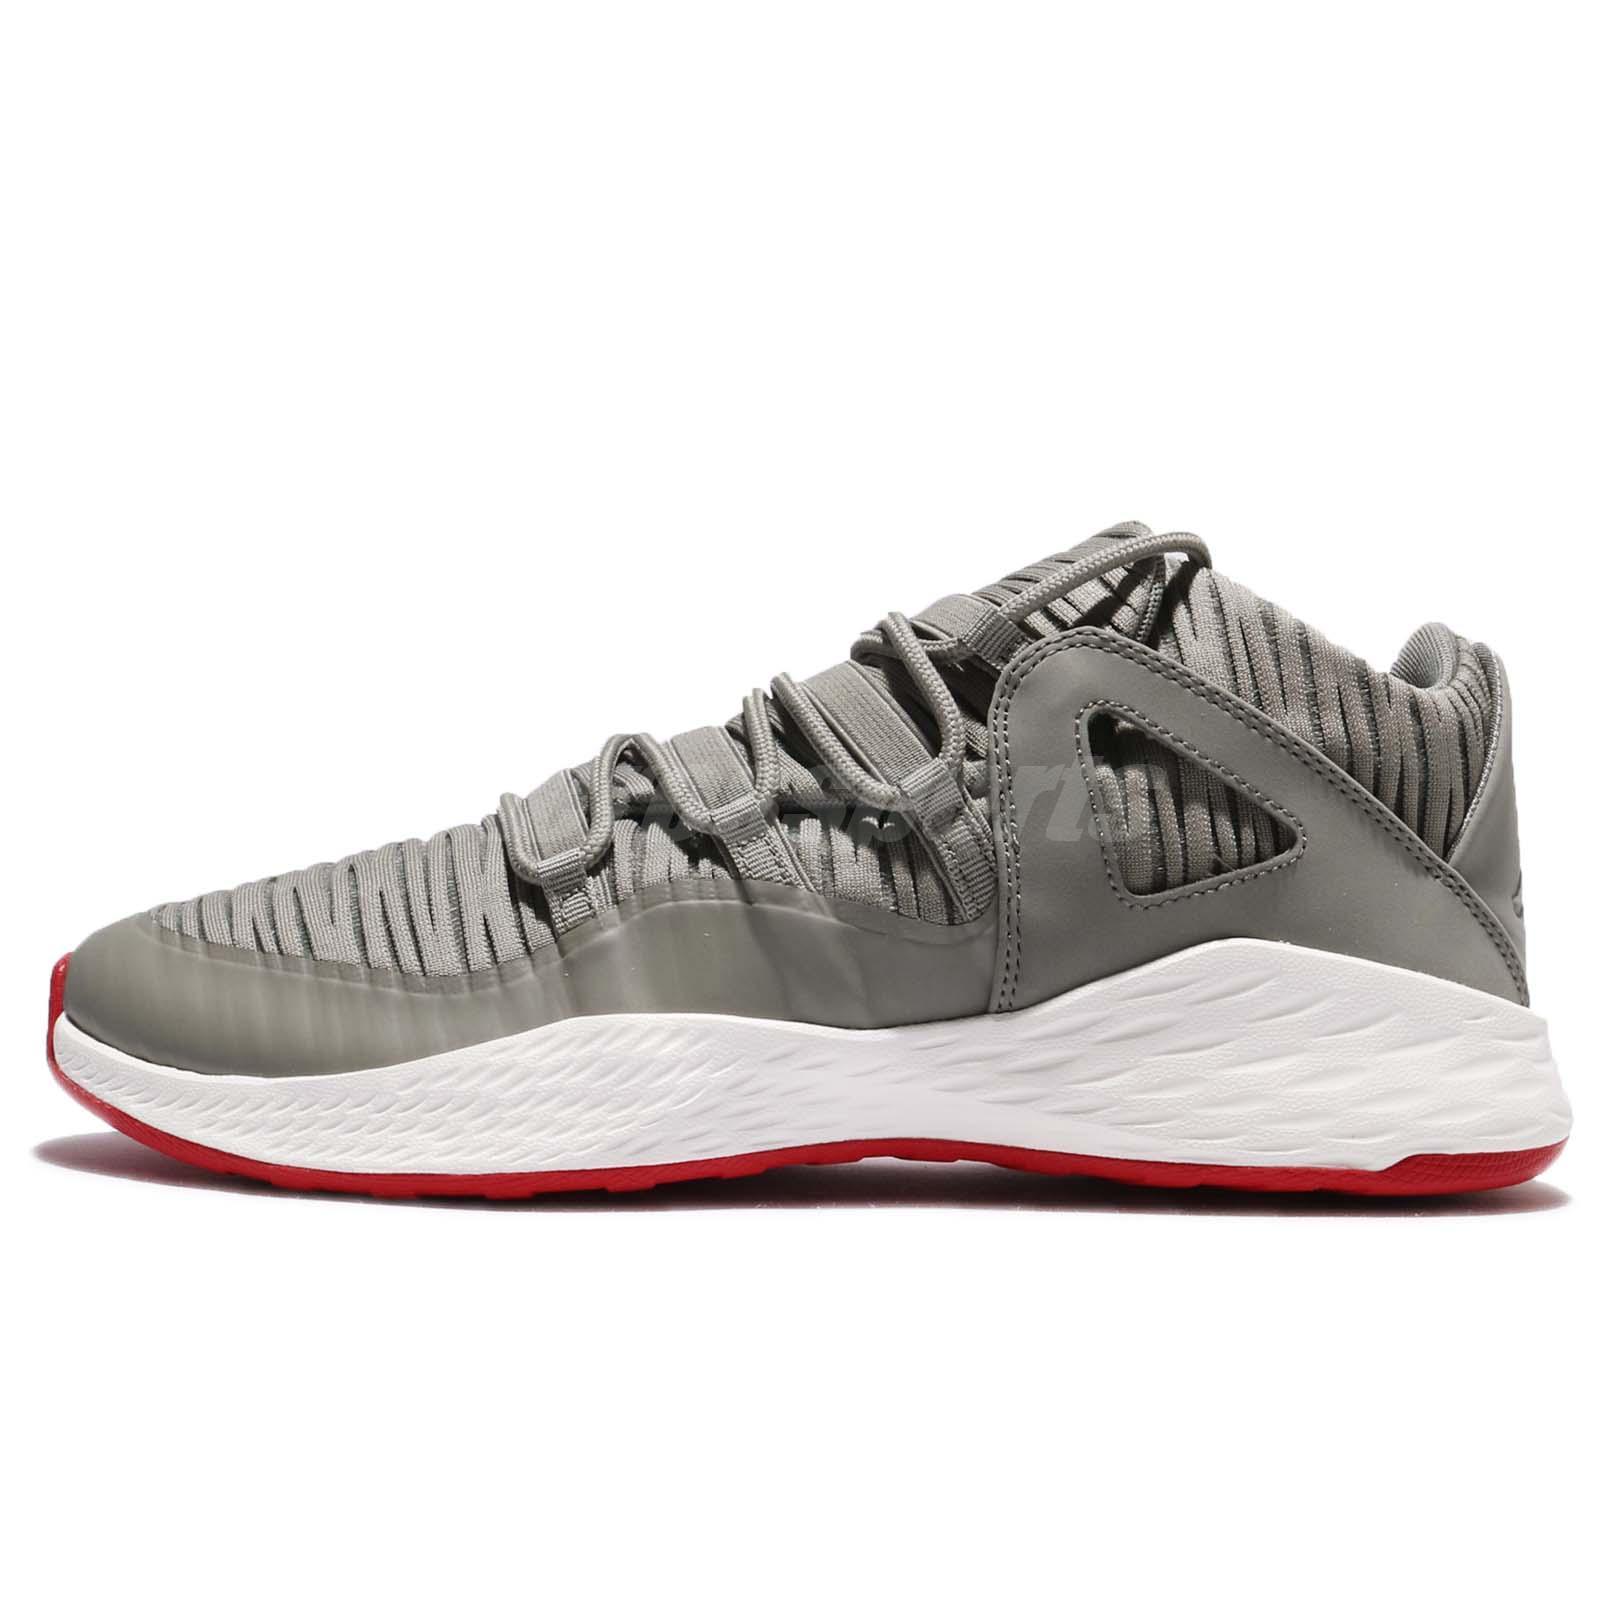 10c4f260311c Nike Jordan Formula 23 Low Dark Stucco Sail Men Casual Shoes Sneakers  919724-051